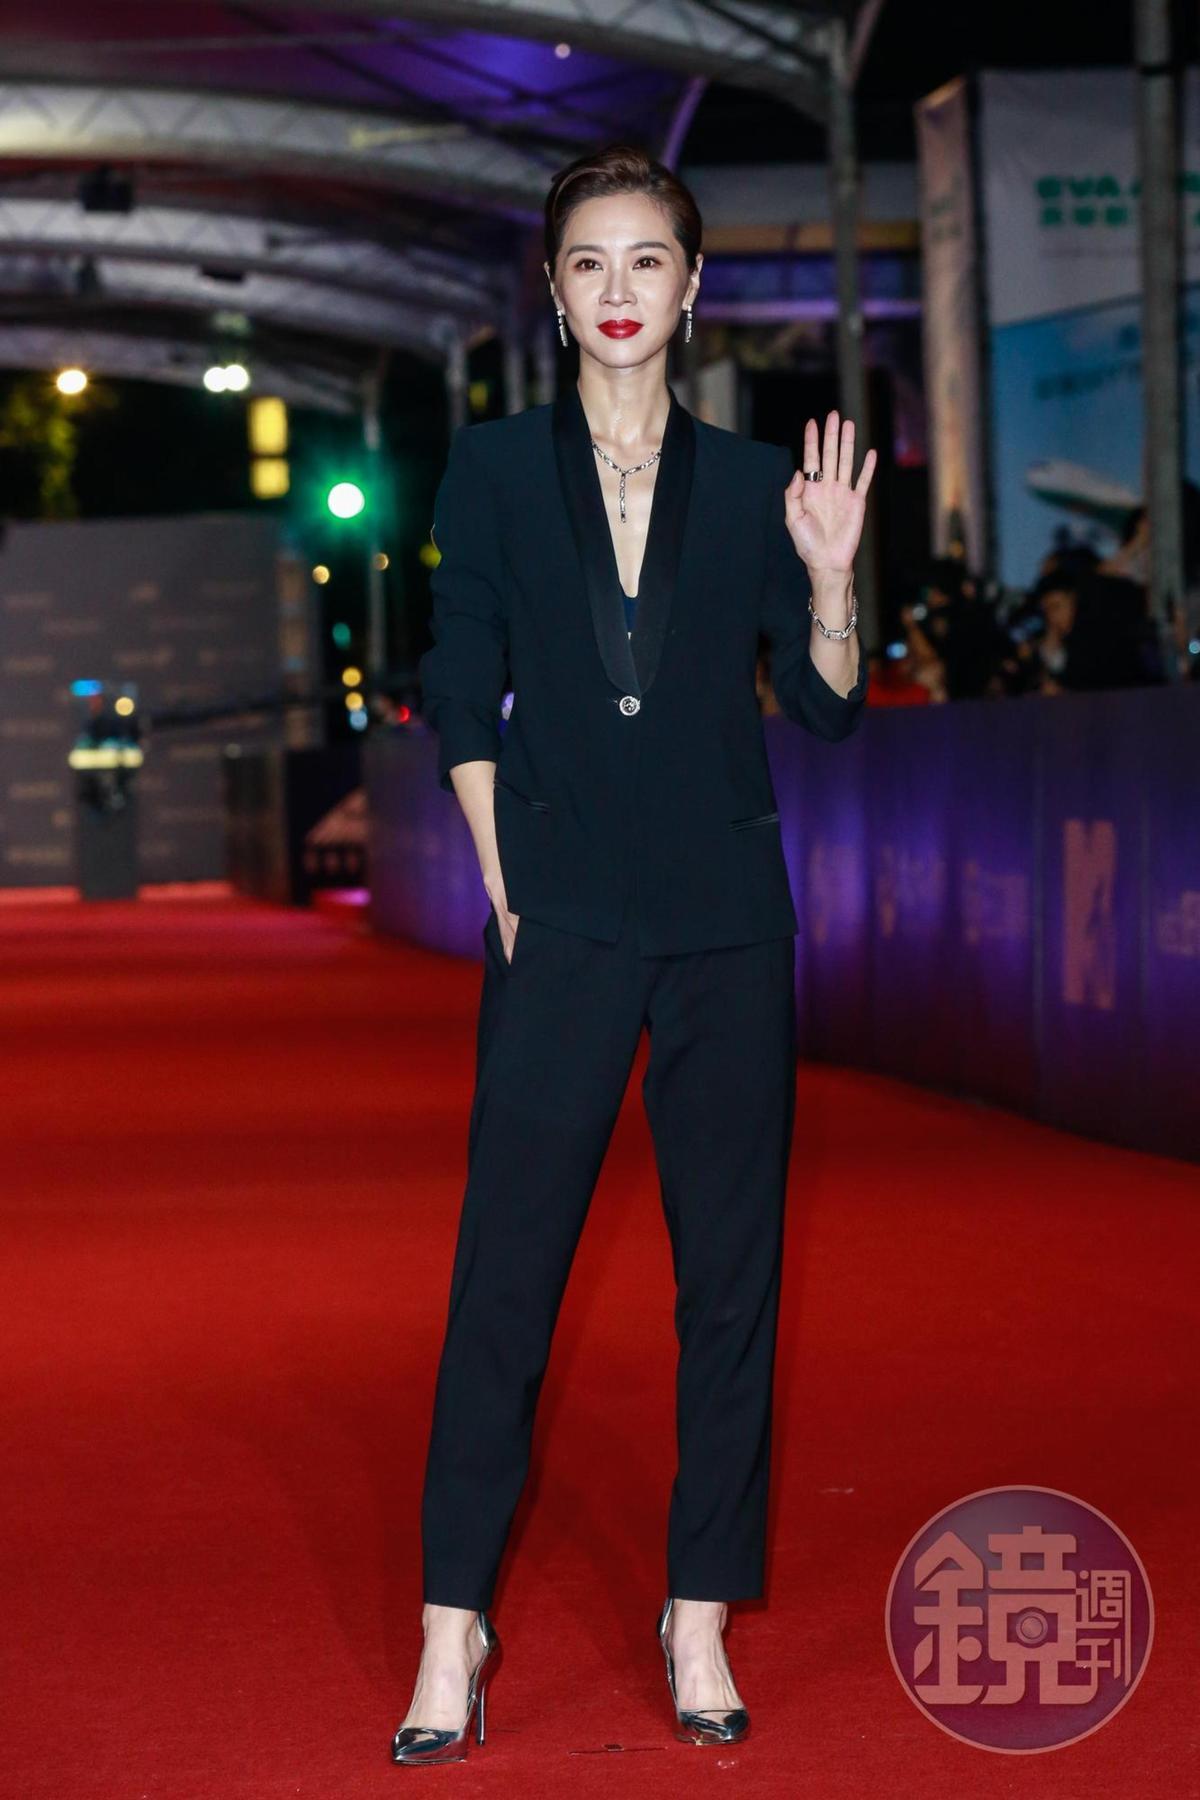 謝盈萱暴瘦現身,不減俐落的台劇女王風采。